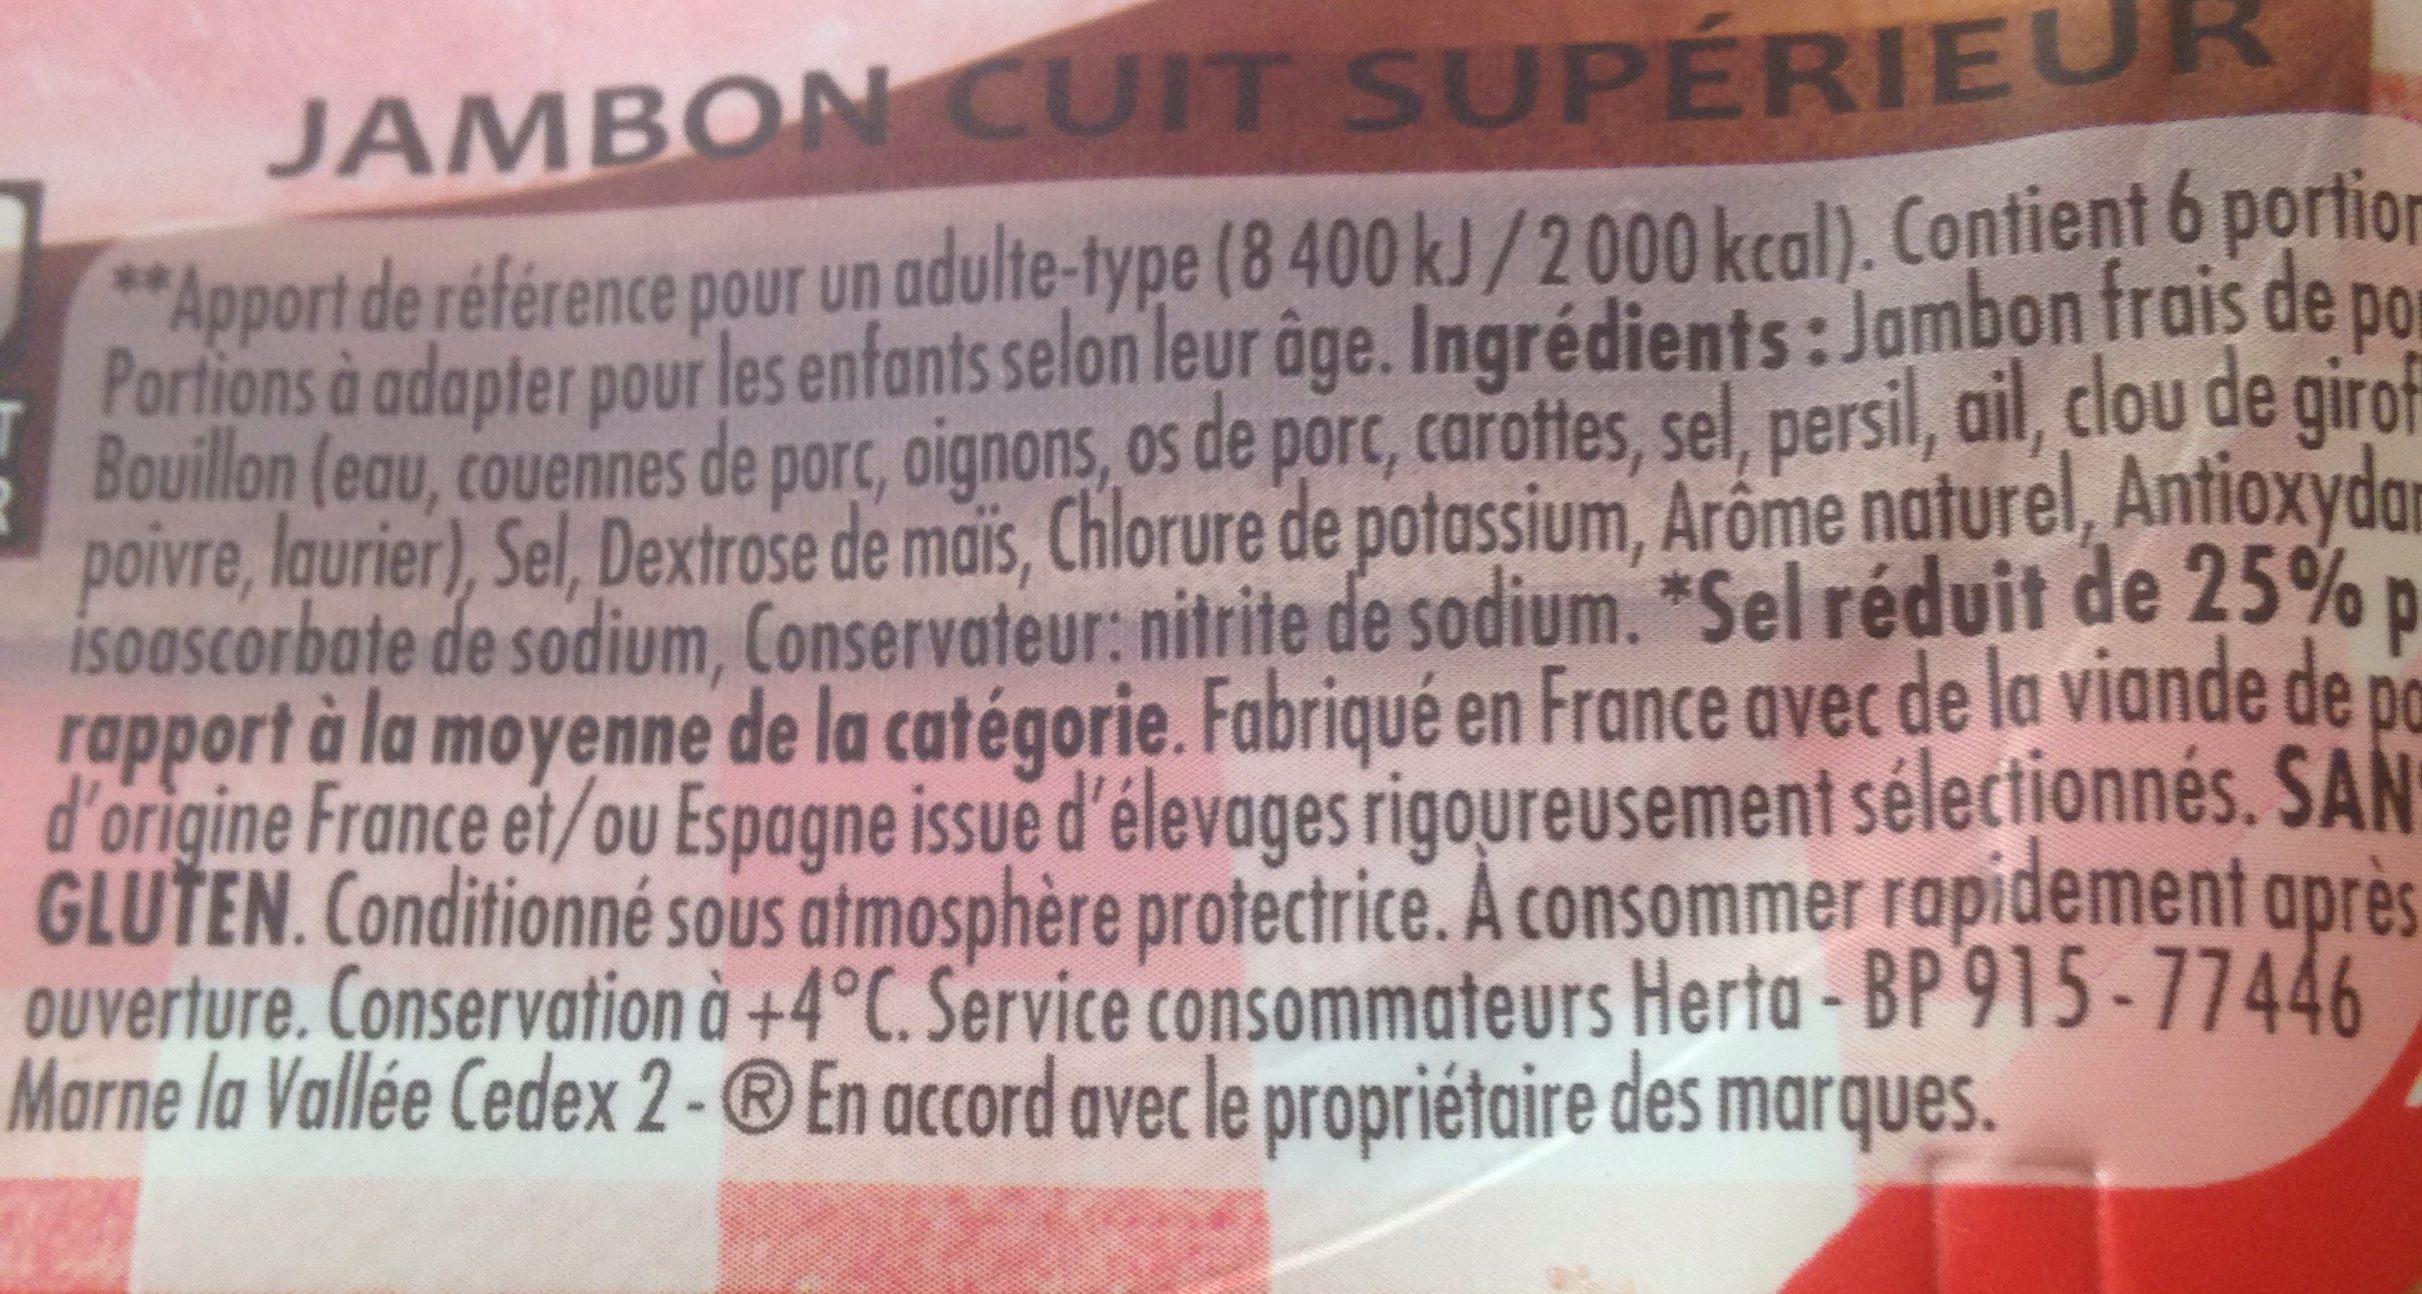 Le bon Paris au torchon -25% de sel - Ingredients